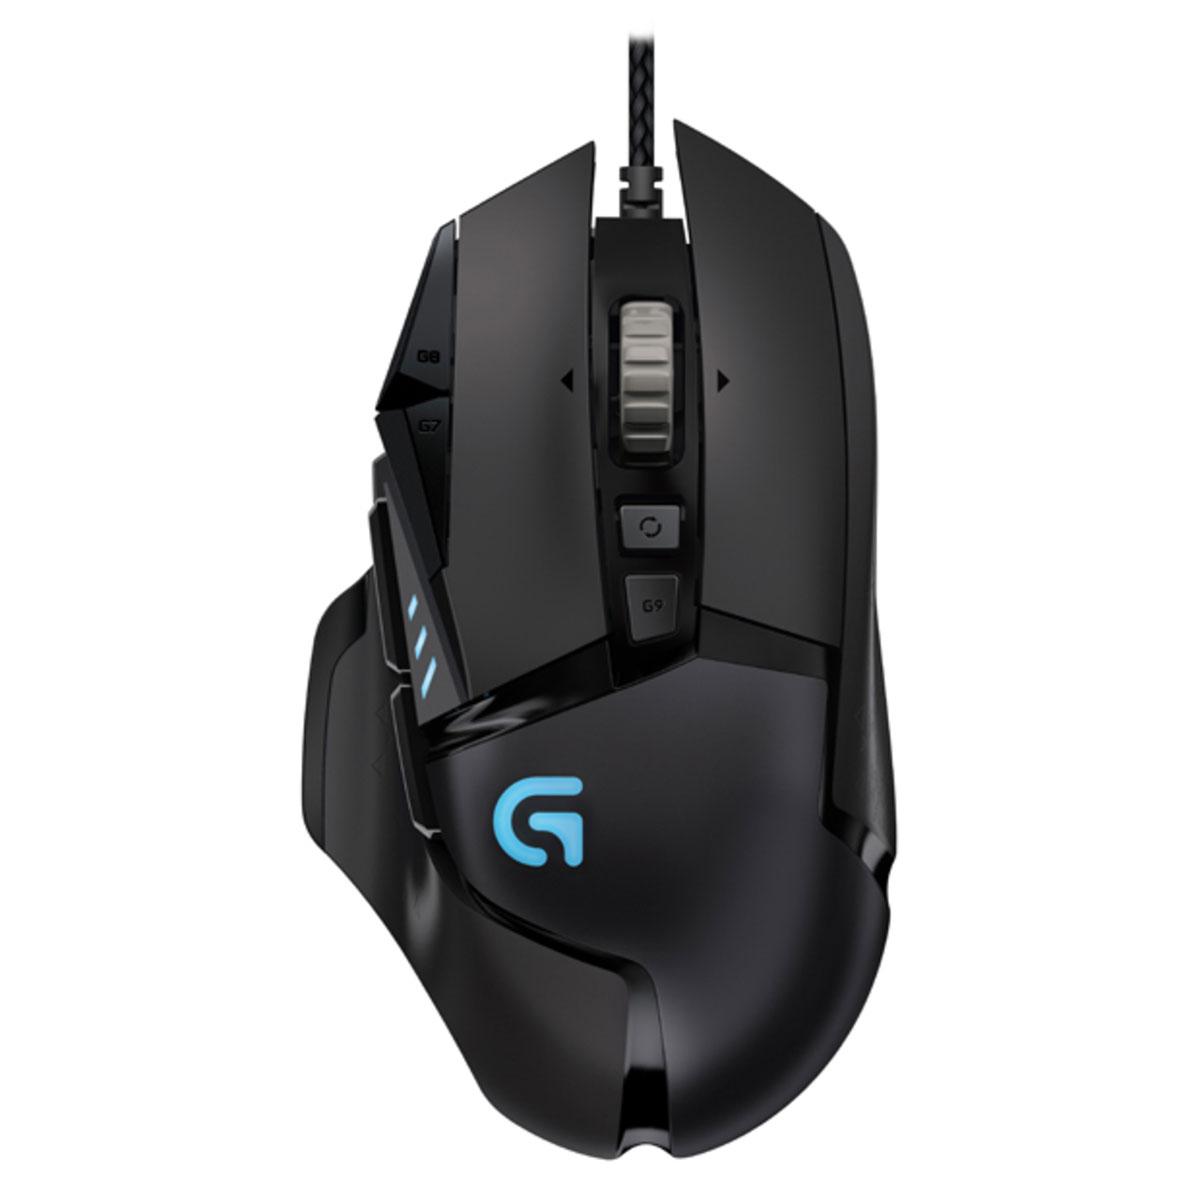 Logitech G502 Proteus Spectrum игровая мышь